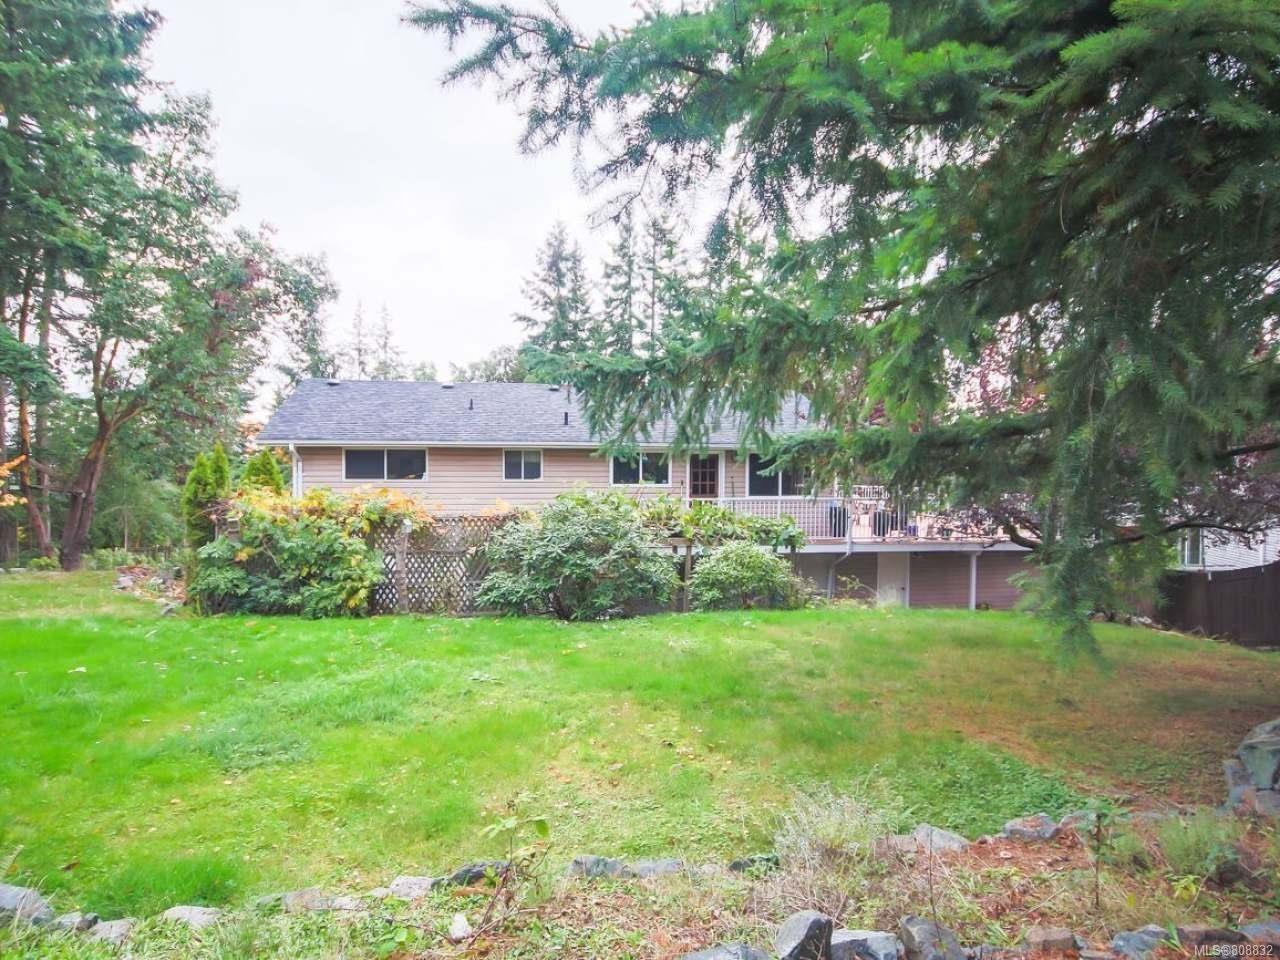 Photo 23: Photos: 5407 Lost Lake Rd in NANAIMO: Na North Nanaimo House for sale (Nanaimo)  : MLS®# 808832